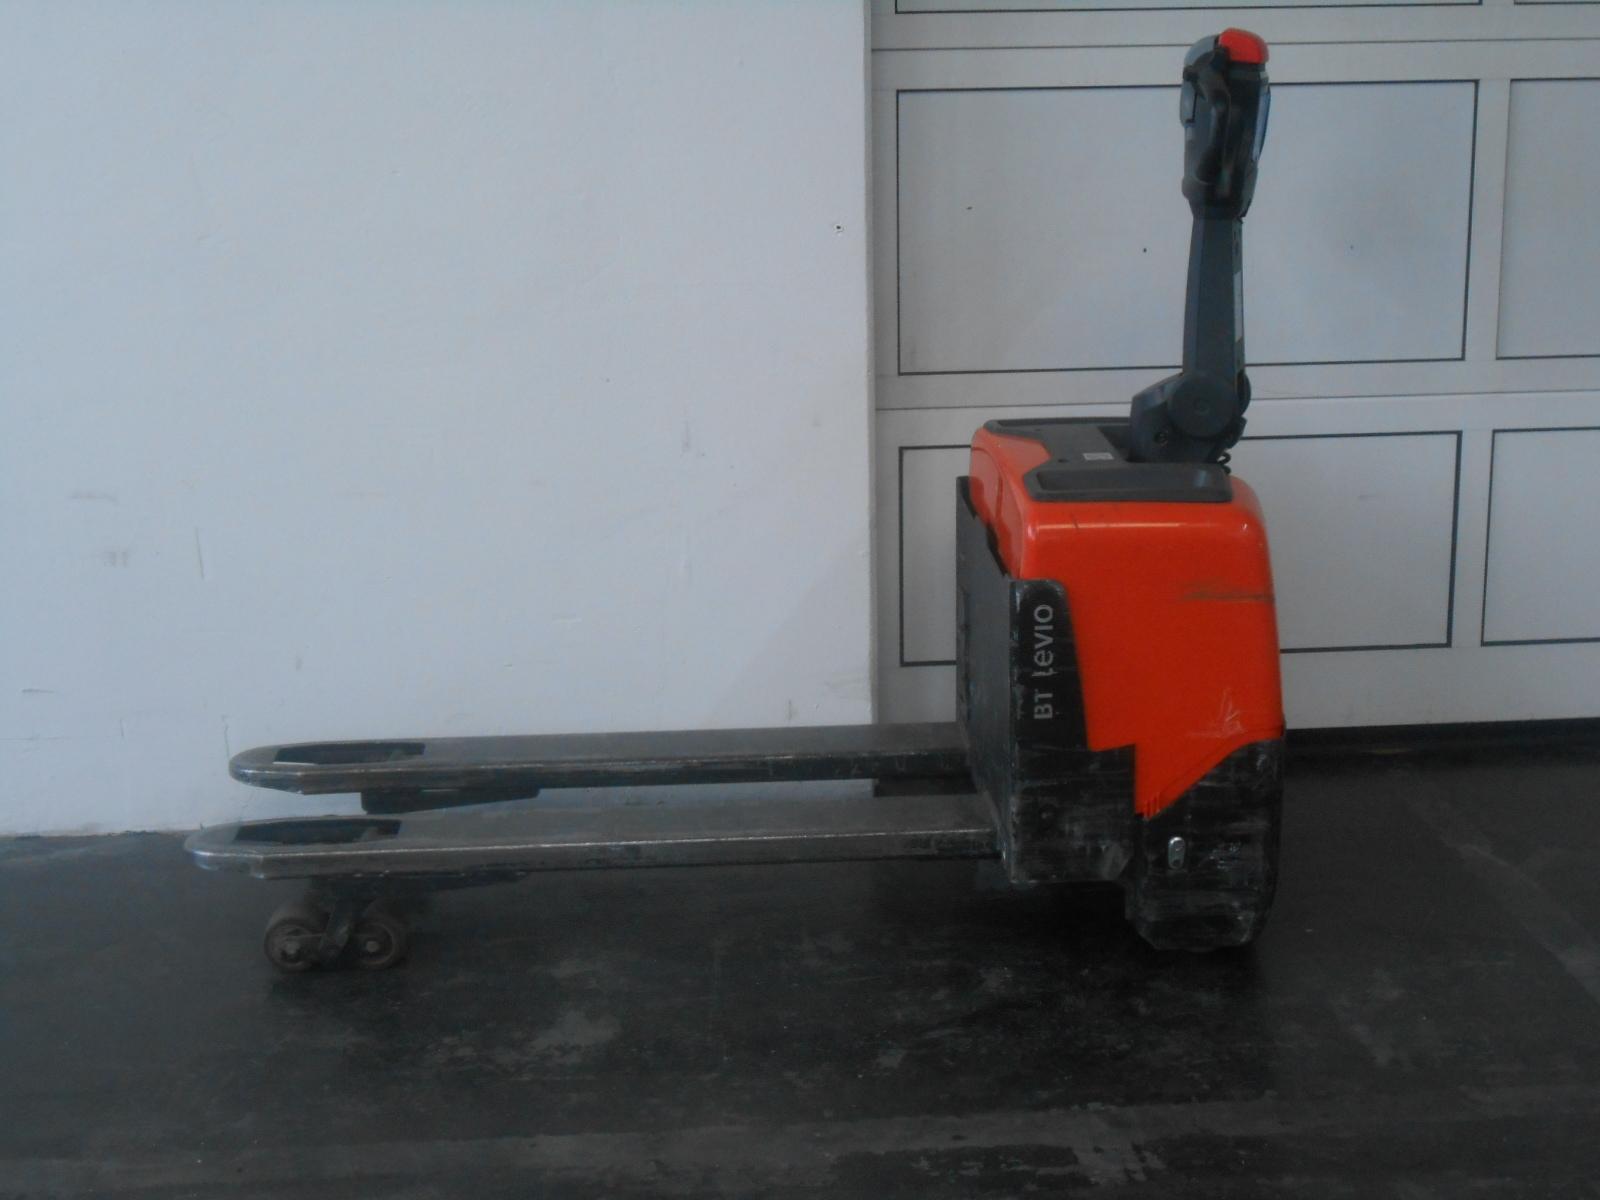 Toyota-Gabelstapler-59840 1804039868 1 78